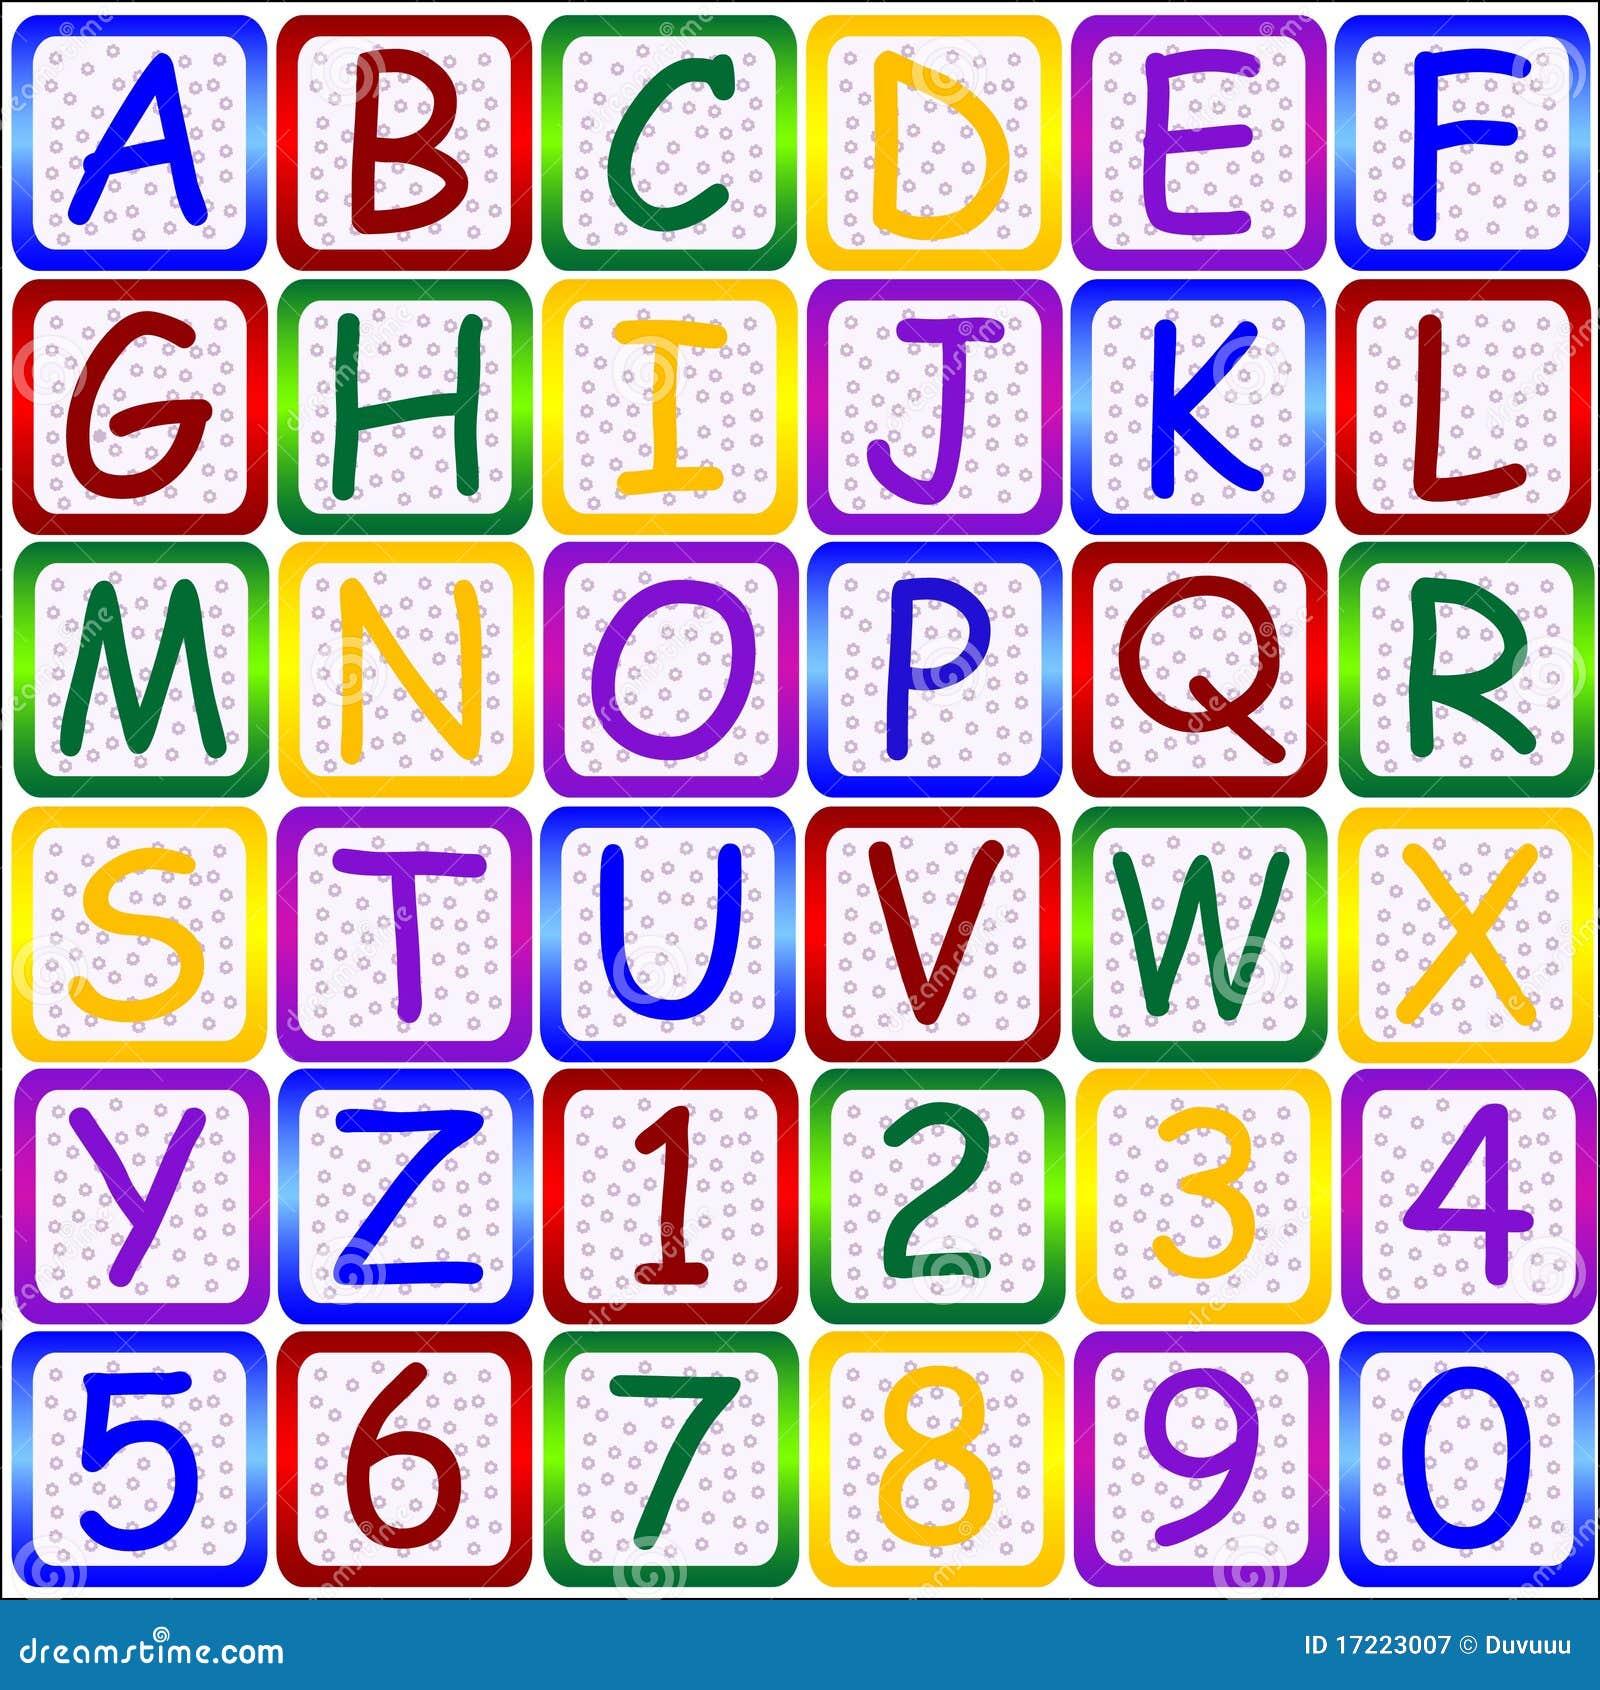 123 abc-bokstavsnummer